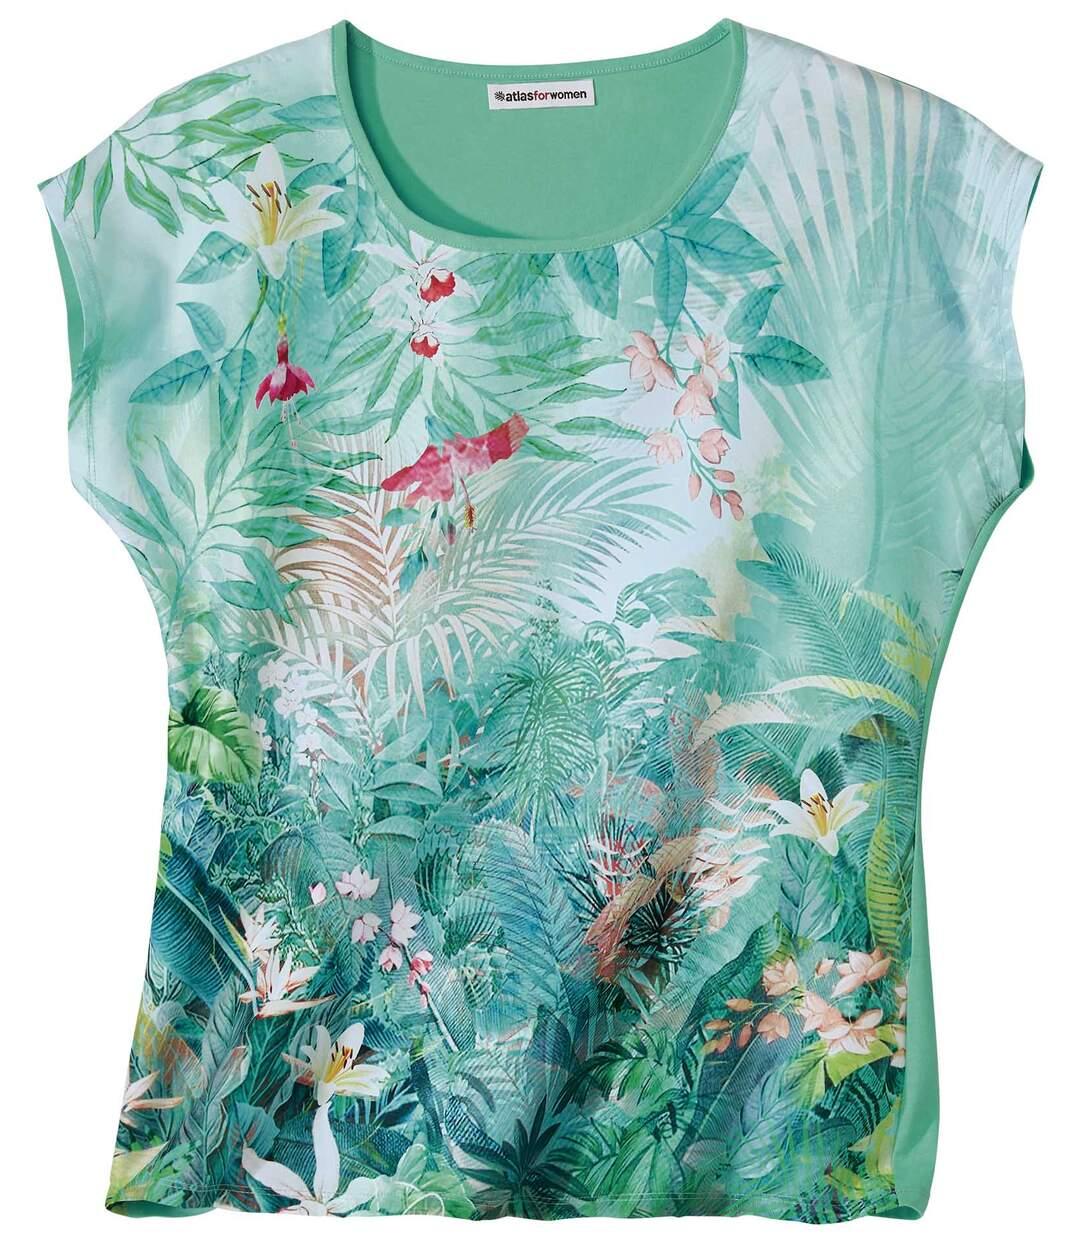 Dwumateriałowa bluzka z tropikalnym nadrukiem Atlas For Men